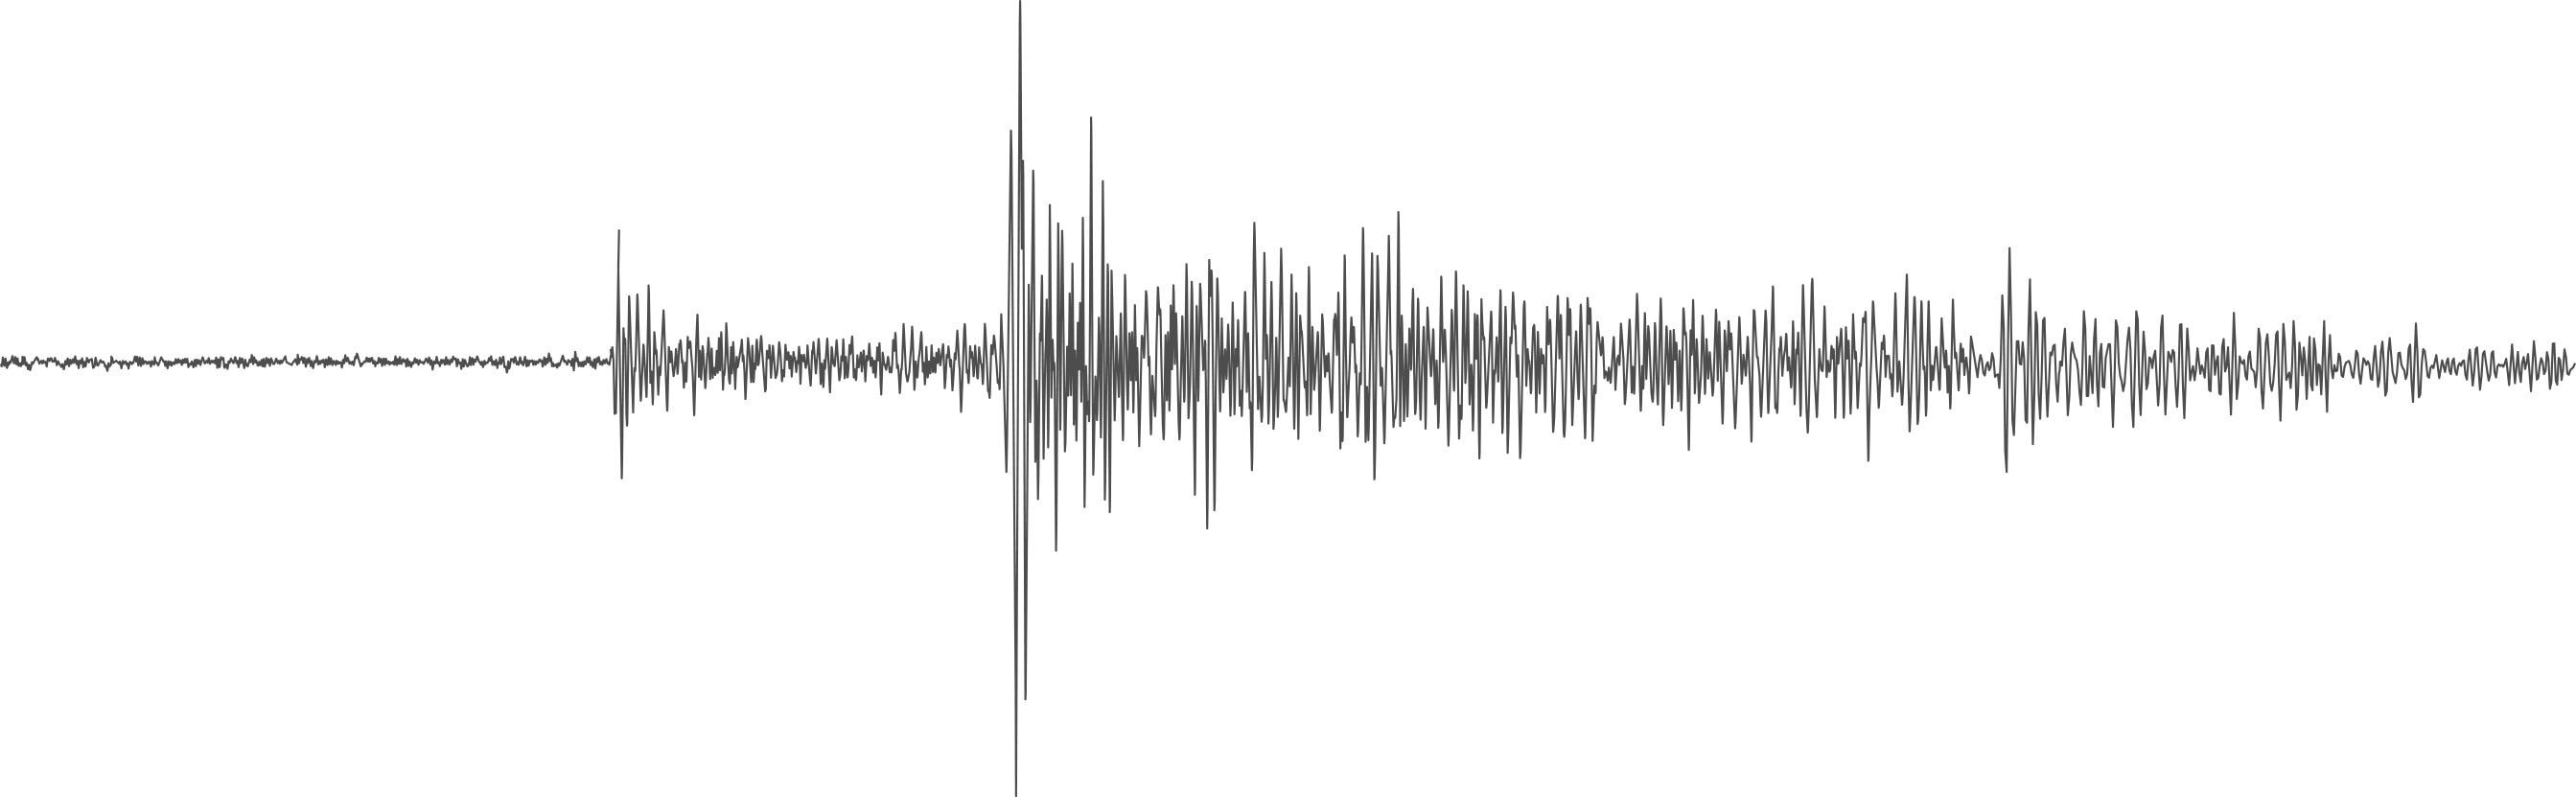 Il lander InSight ha registrato un terremoto, qui rappresentato come un sismogramma, il 25 luglio 2019. I sismologi studiano le ondulazioni nei sismogrammi per confermare se stanno davvero vedendo un terremoto o un rumore causato dal vento. (Nasa)